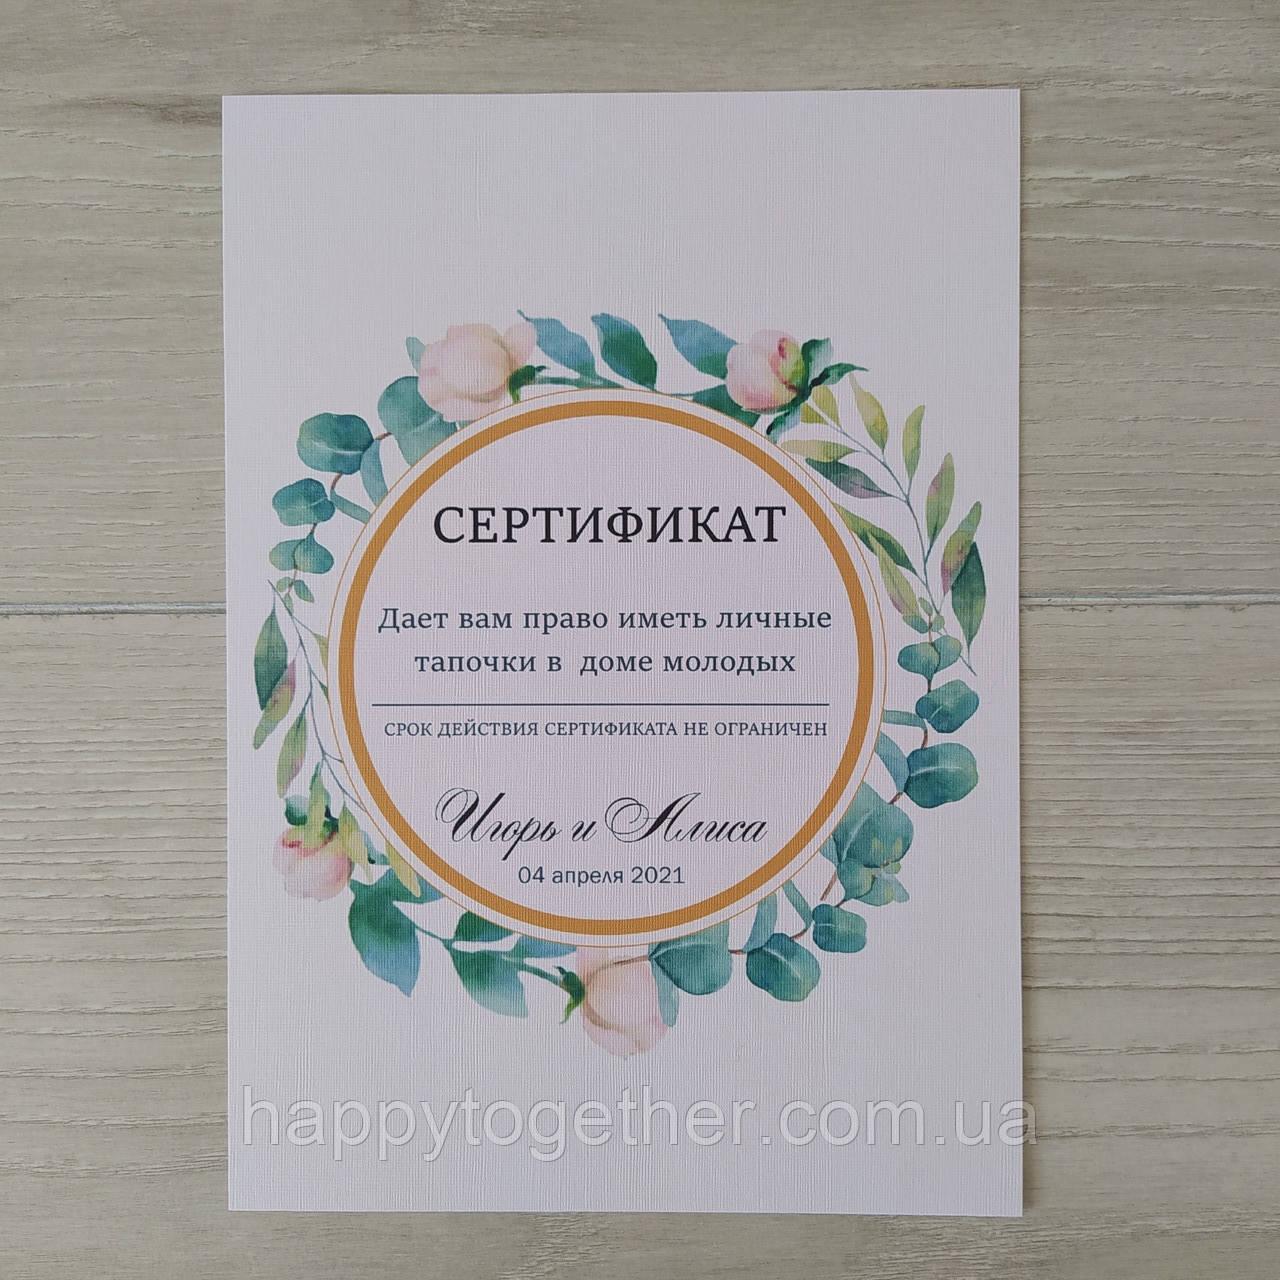 Подарунковий сертифікат на весілля